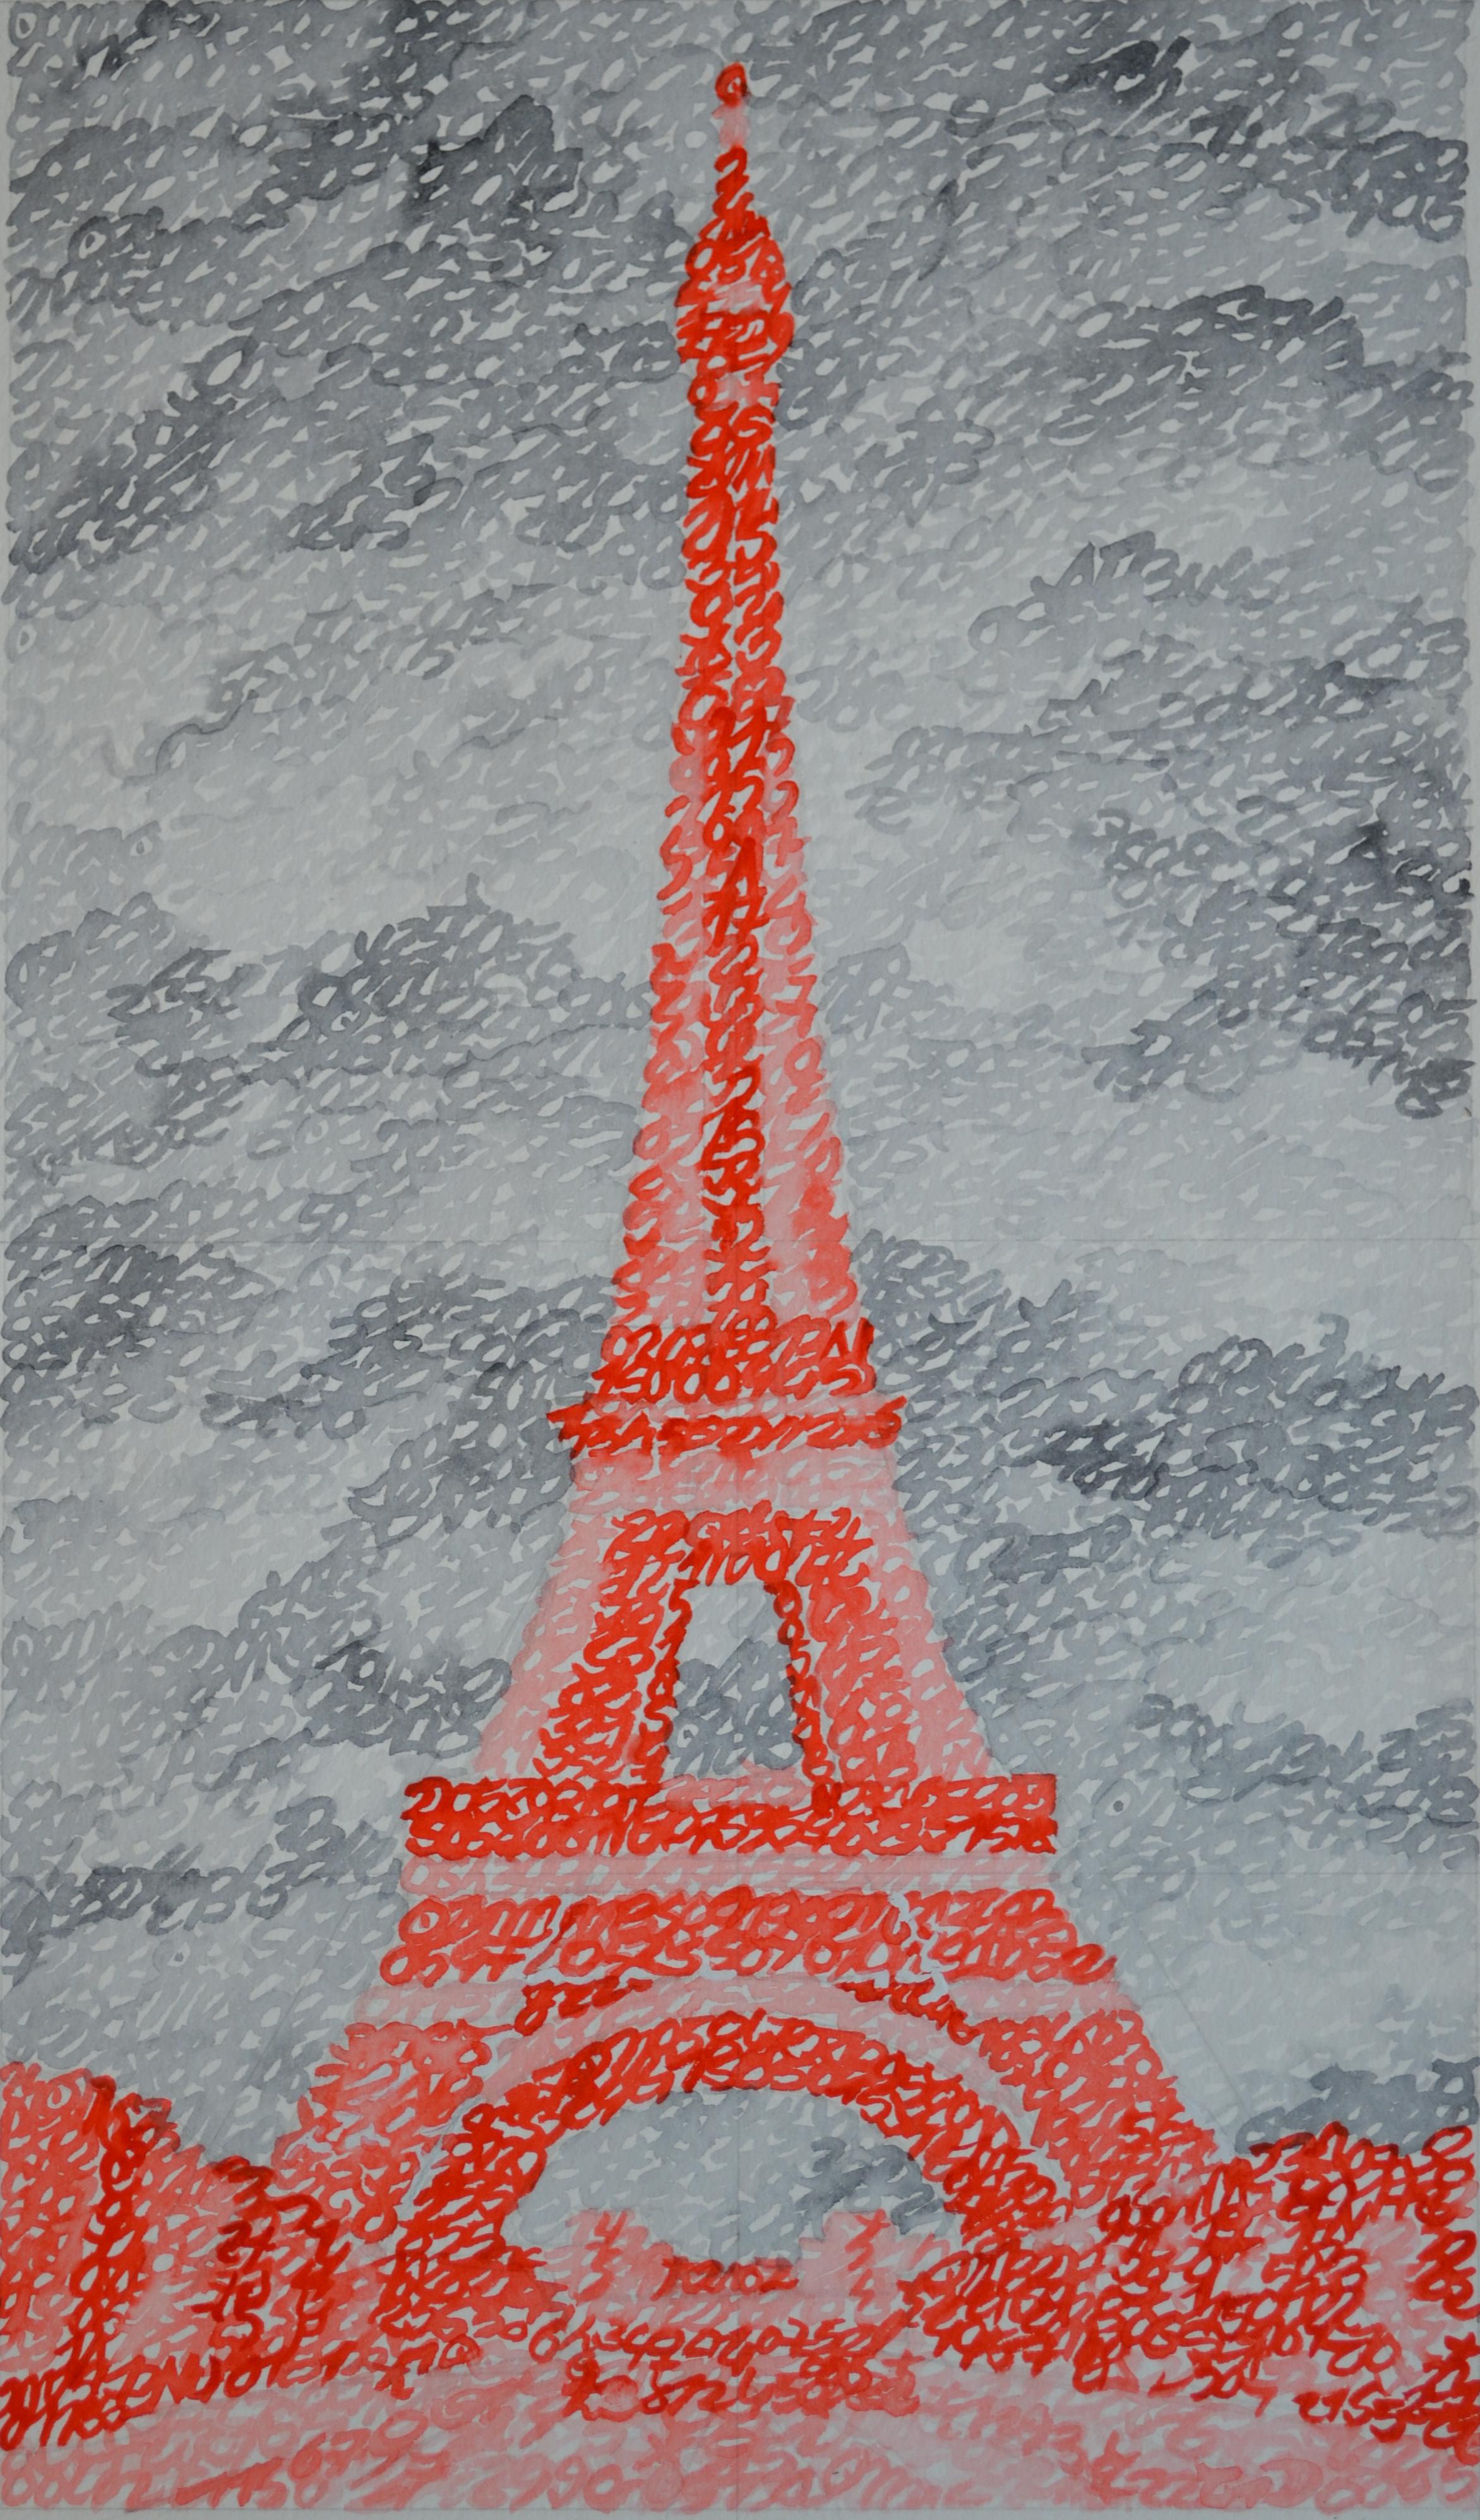 Covid-19, la France, Paris, Tour Eiffel, 16.11.2020, aquarelle sur papier, 44 x 26 cm. Représentation de la Tour Eiffel par la notation de la position des planètes le 16 novembre 2020.